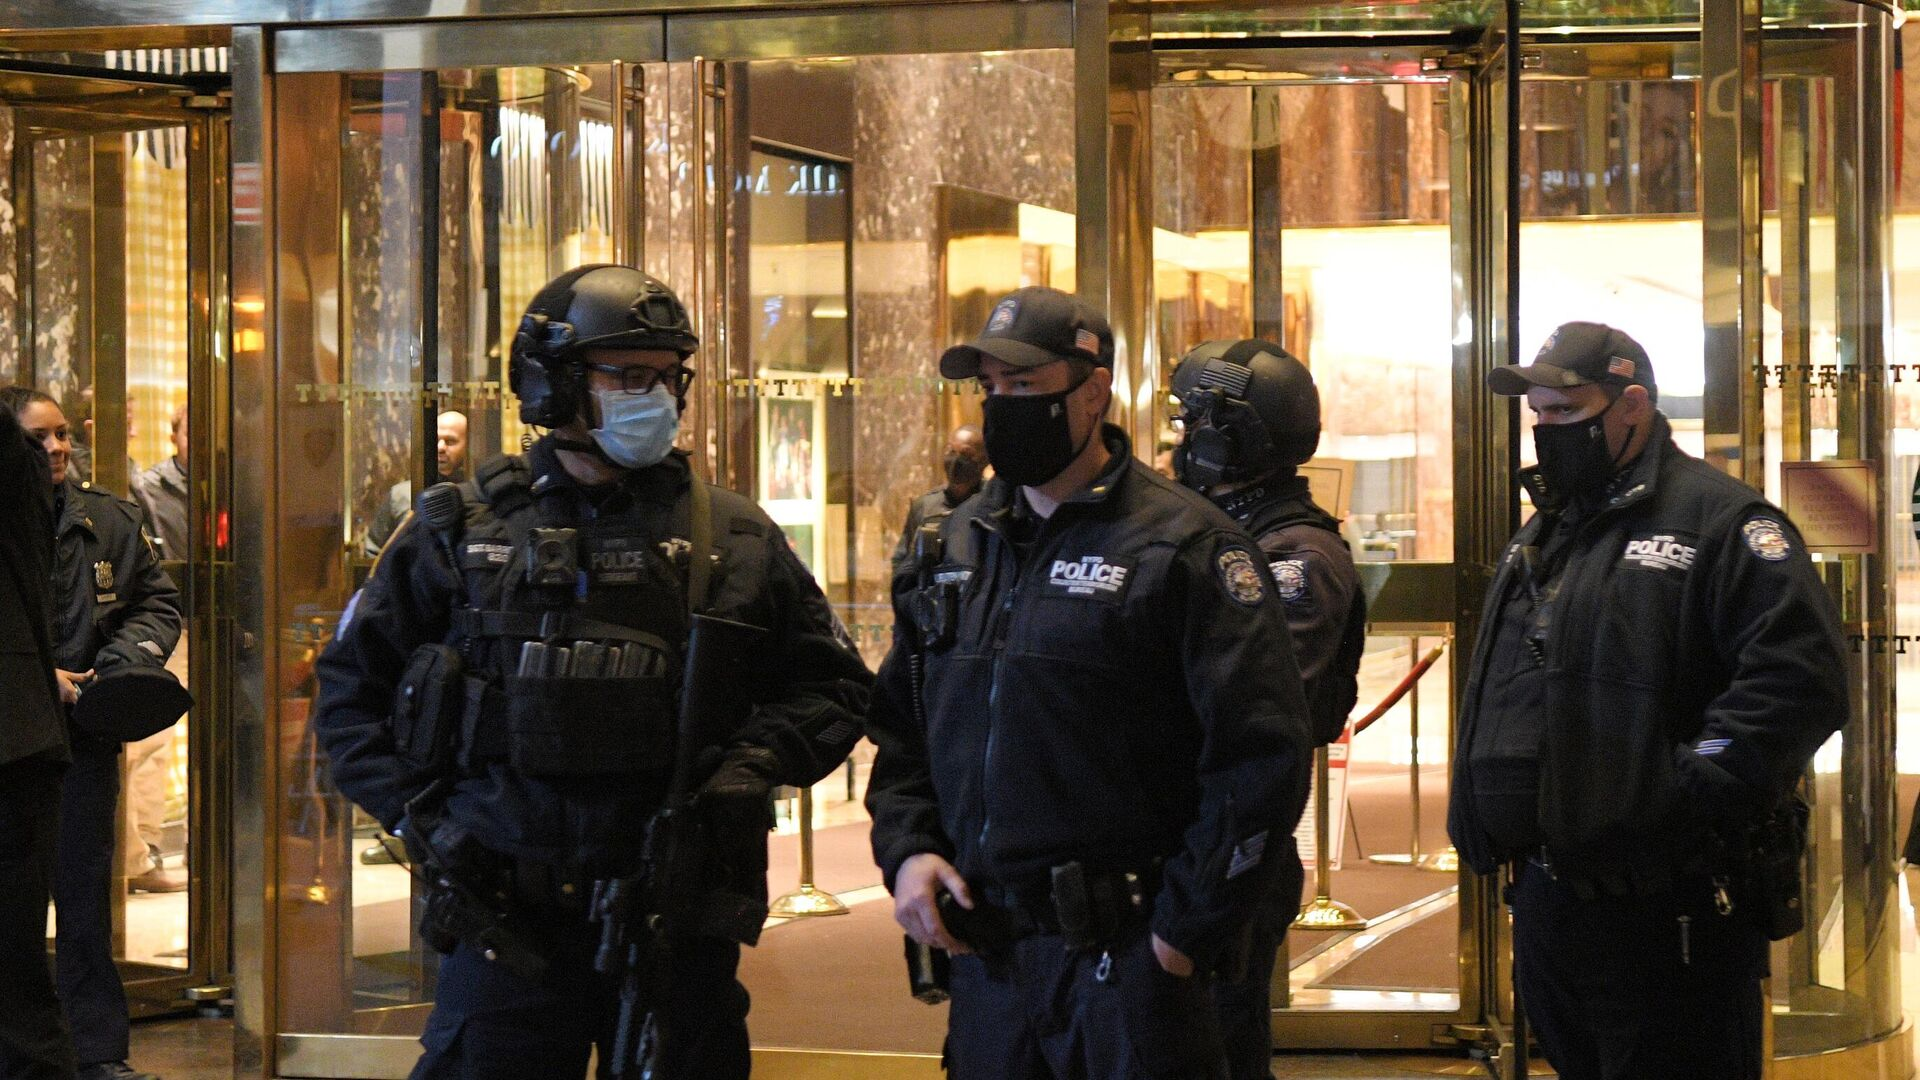 Сотрудники полиции у Башни Трампа в Нью-Йорке в день выборов президента США - РИА Новости, 1920, 04.11.2020